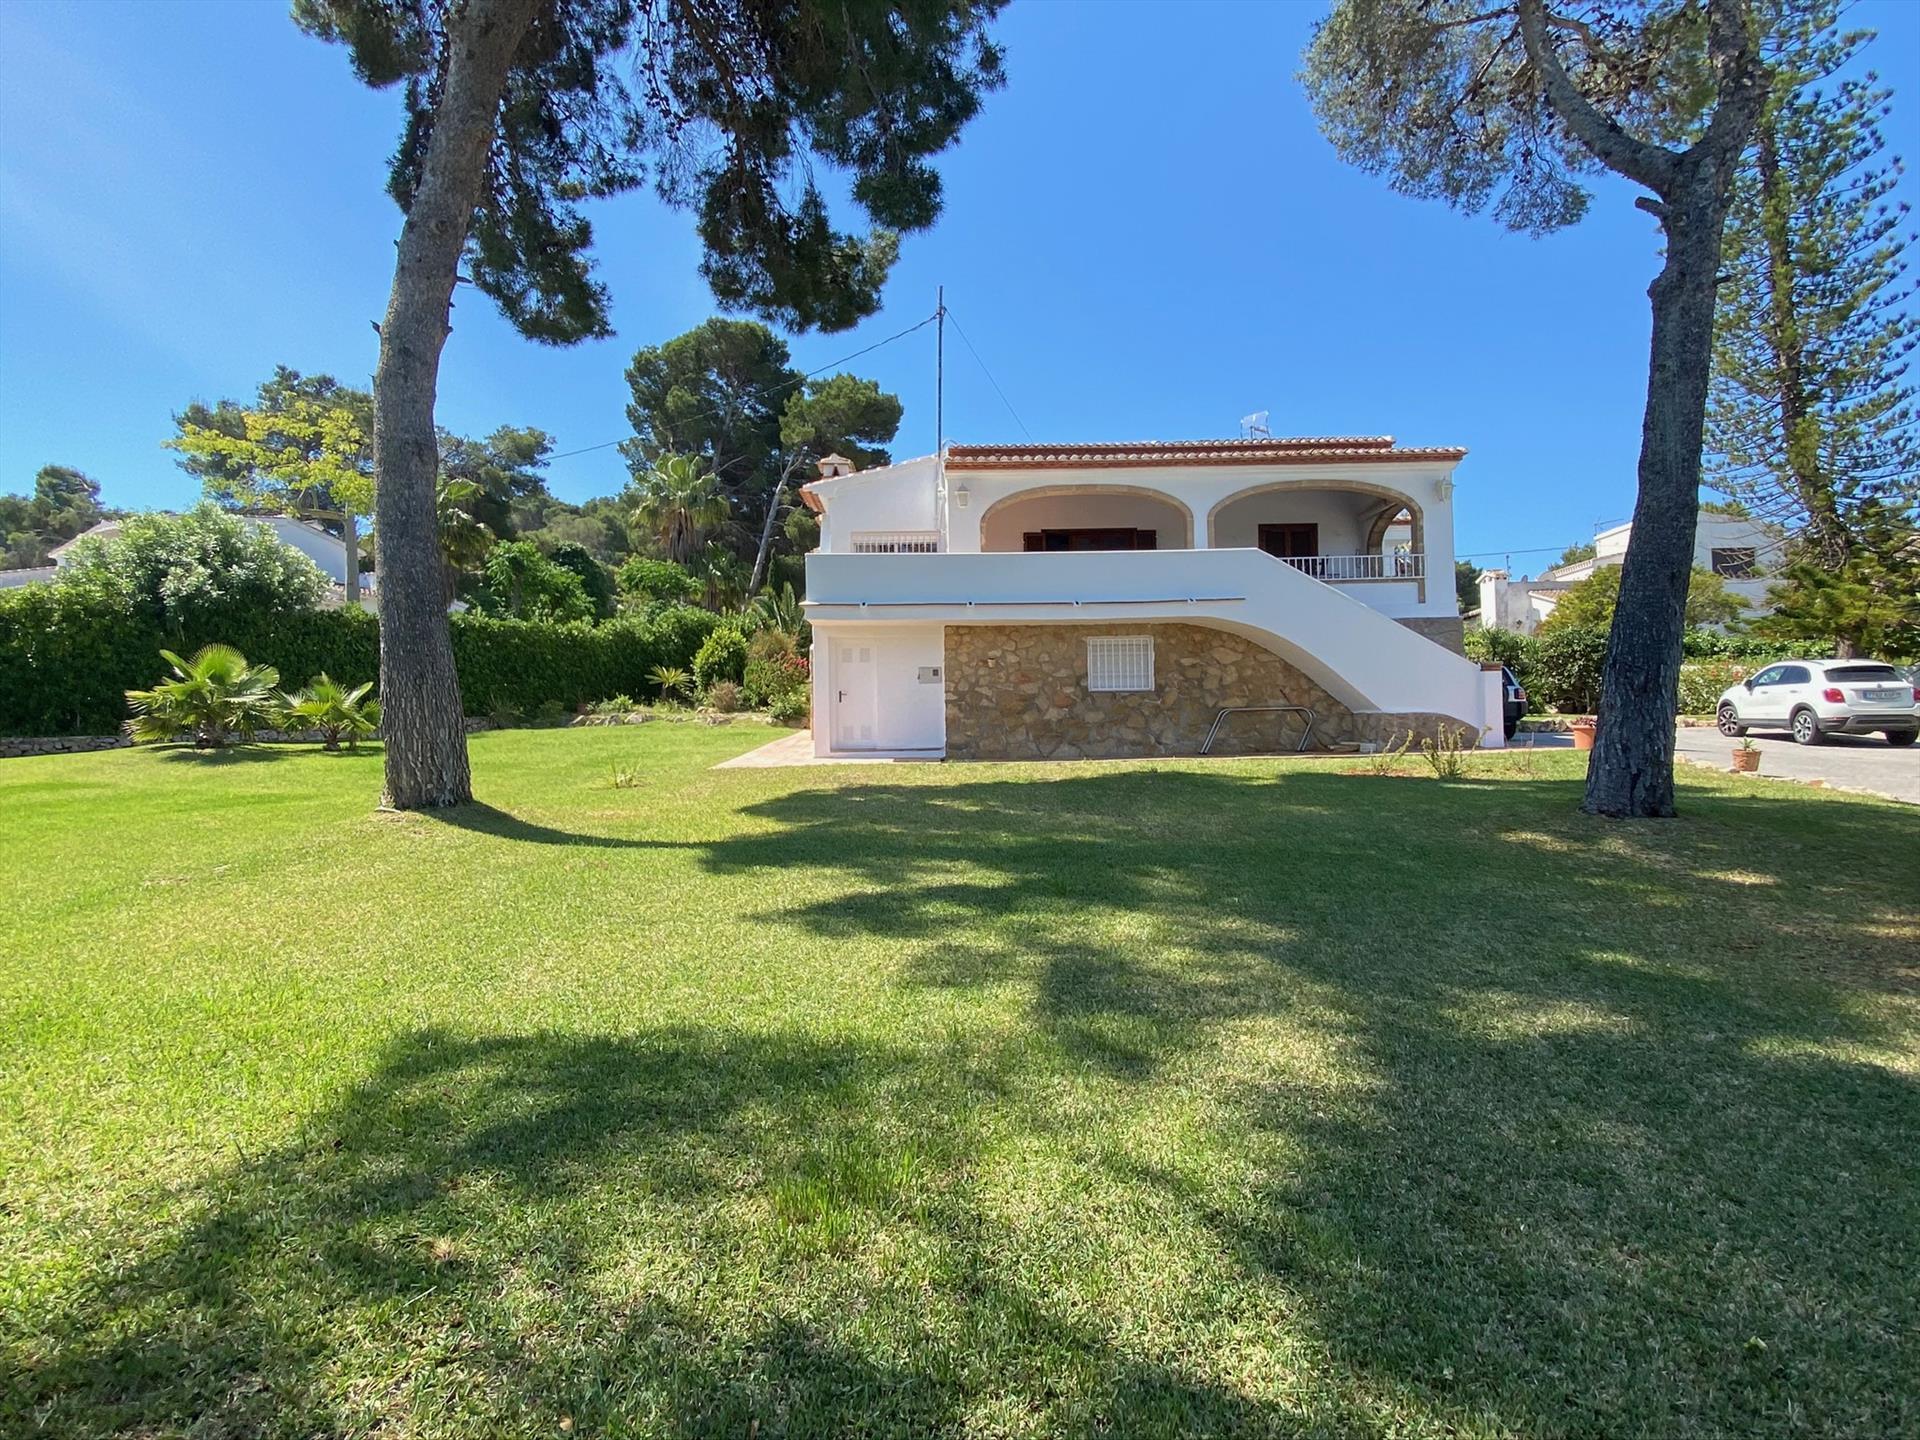 Villa Mexico,Villa grande y graciosa  con piscina privada en Javea, en la Costa Blanca, España para 16 personas.....